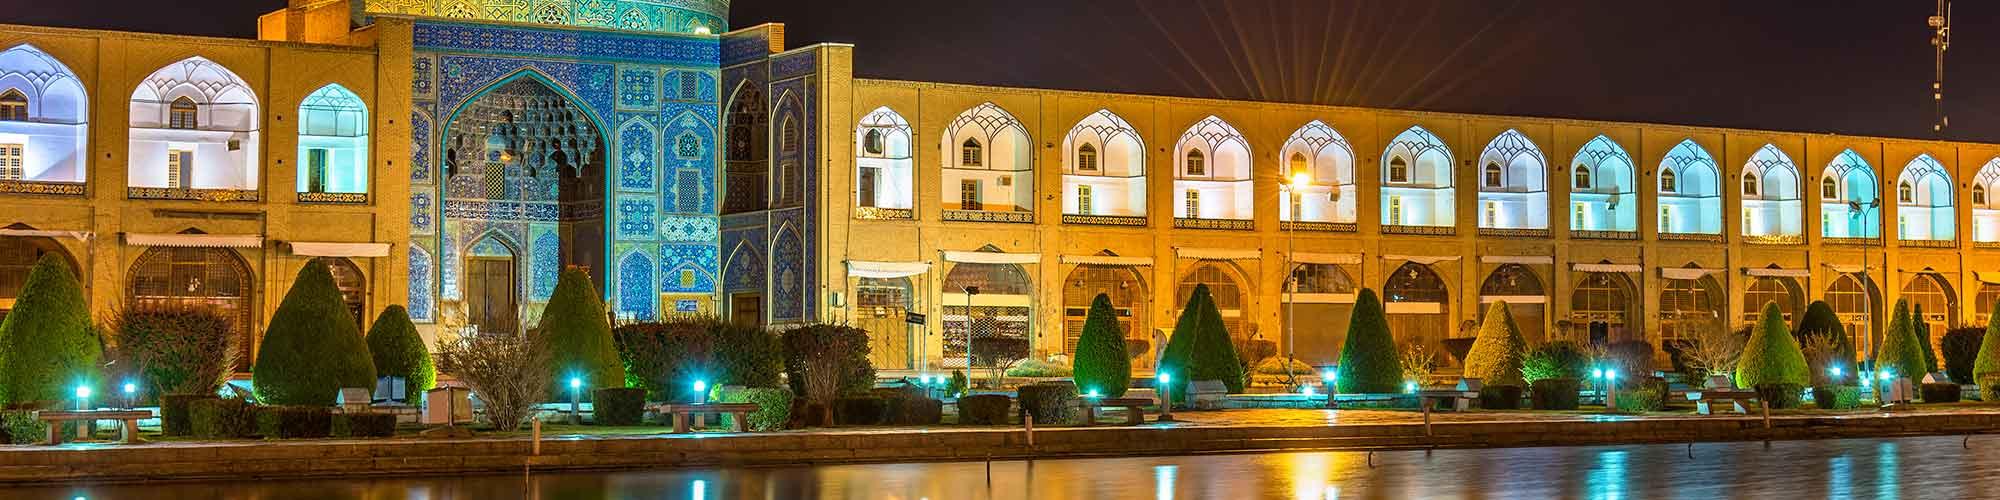 Persia: Los jardines y el fuego - El País Viajes